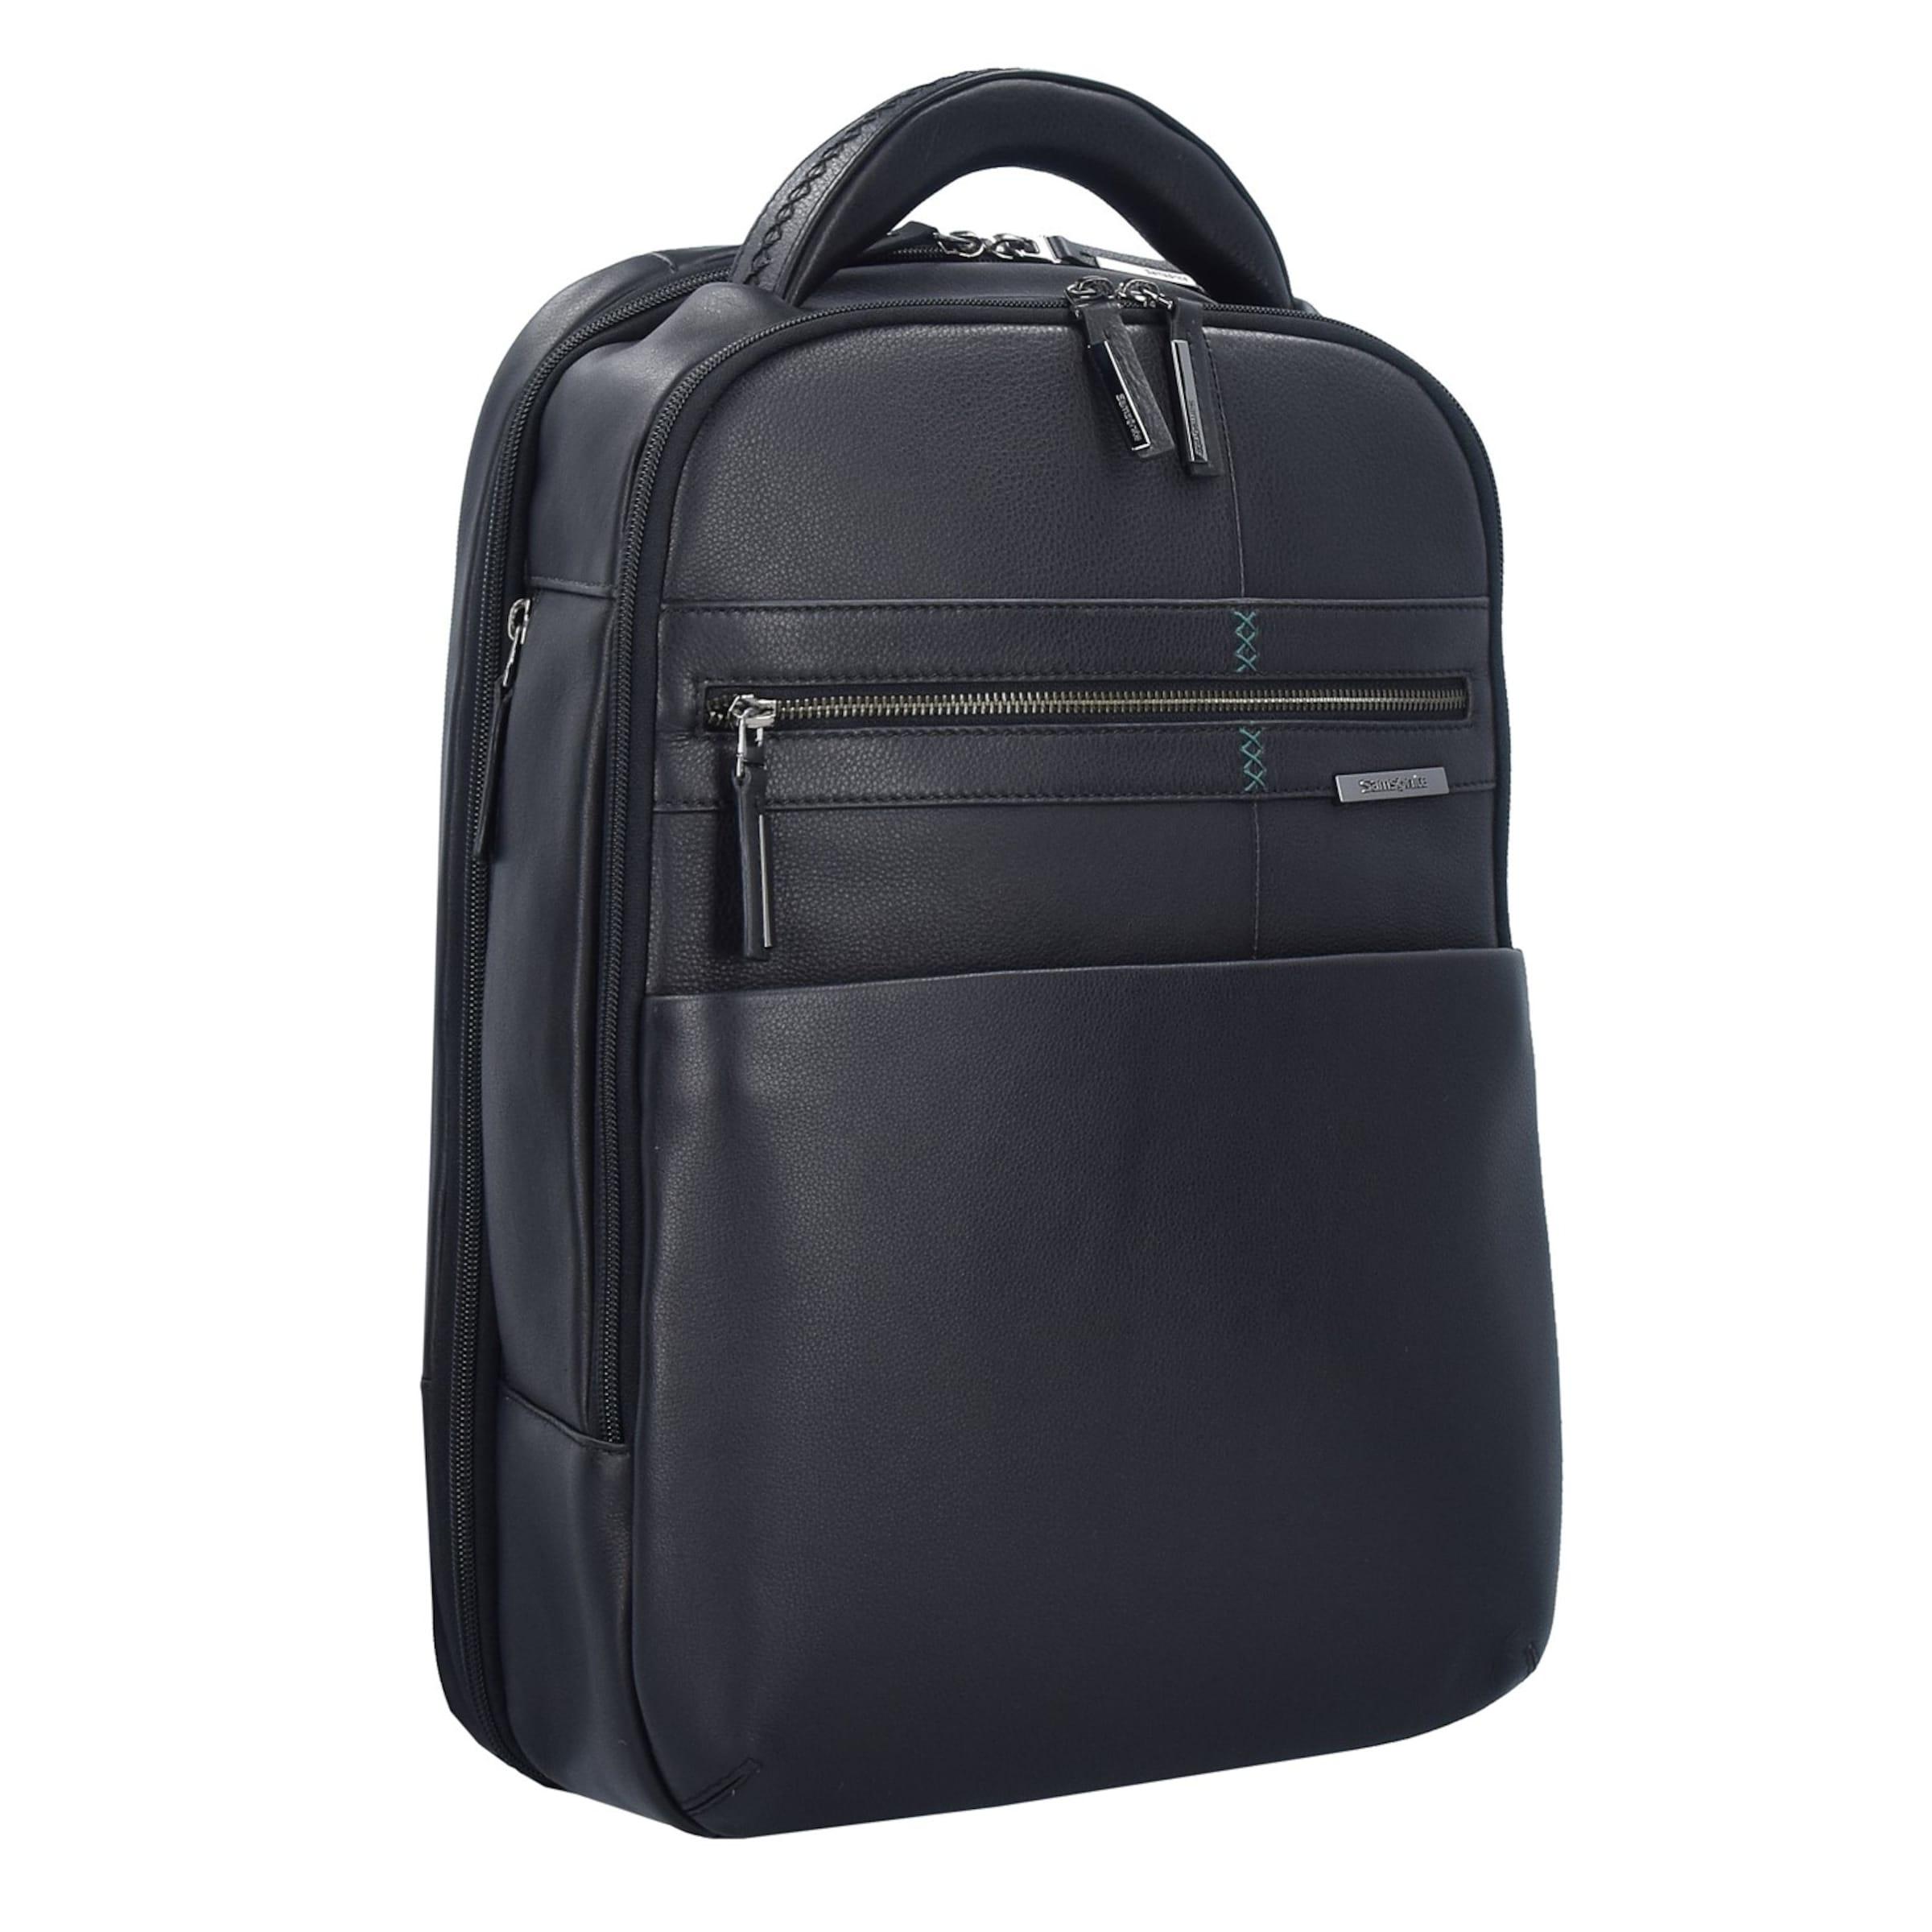 Online Wie Vielen Verkauf SAMSONITE Formalite LTH Rucksack 48 cm Laptopfach Qualität Outlet-Store Limited Edition Günstig Online Spielraum Amazon Austrittsstellen Online zY9NvUpM